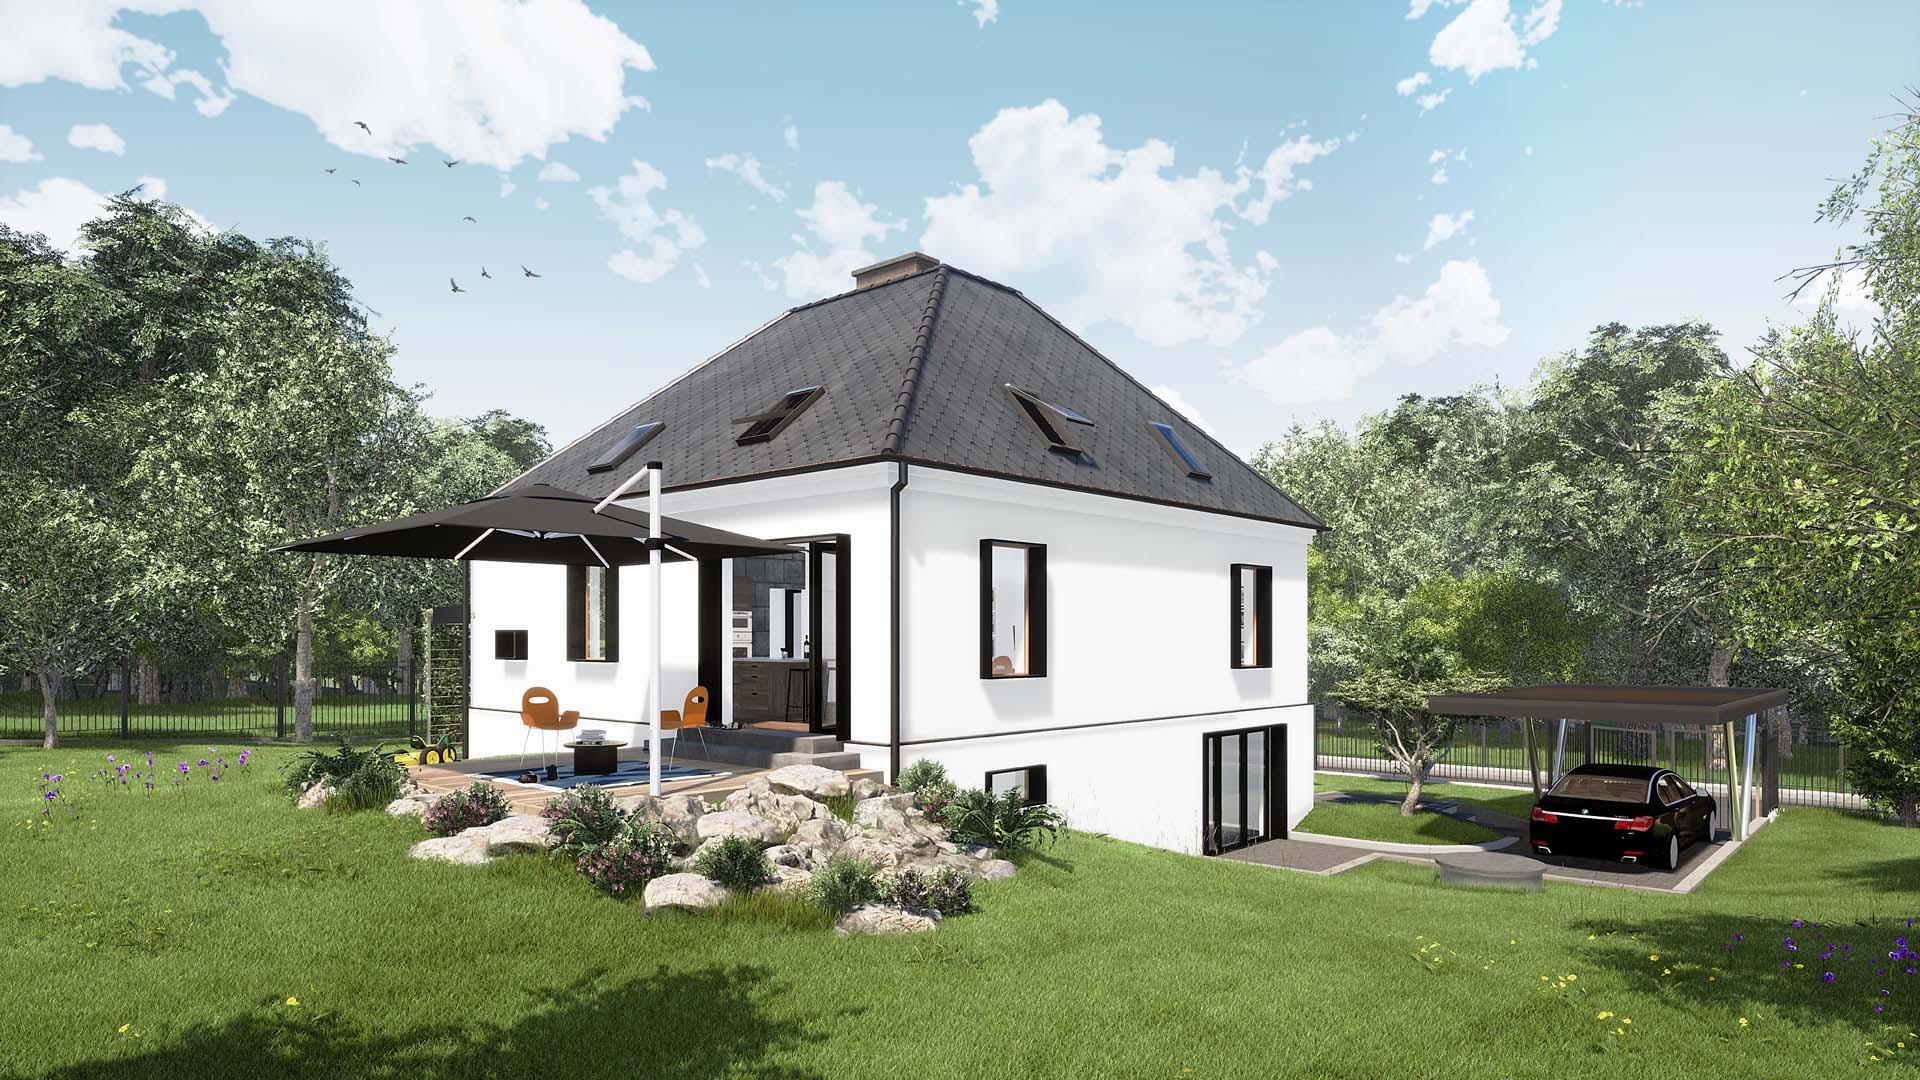 przebudowa remont remodeling domu jednorodzinnego w bielsku białej, projekt budowalny, projekt wykonawczy 2